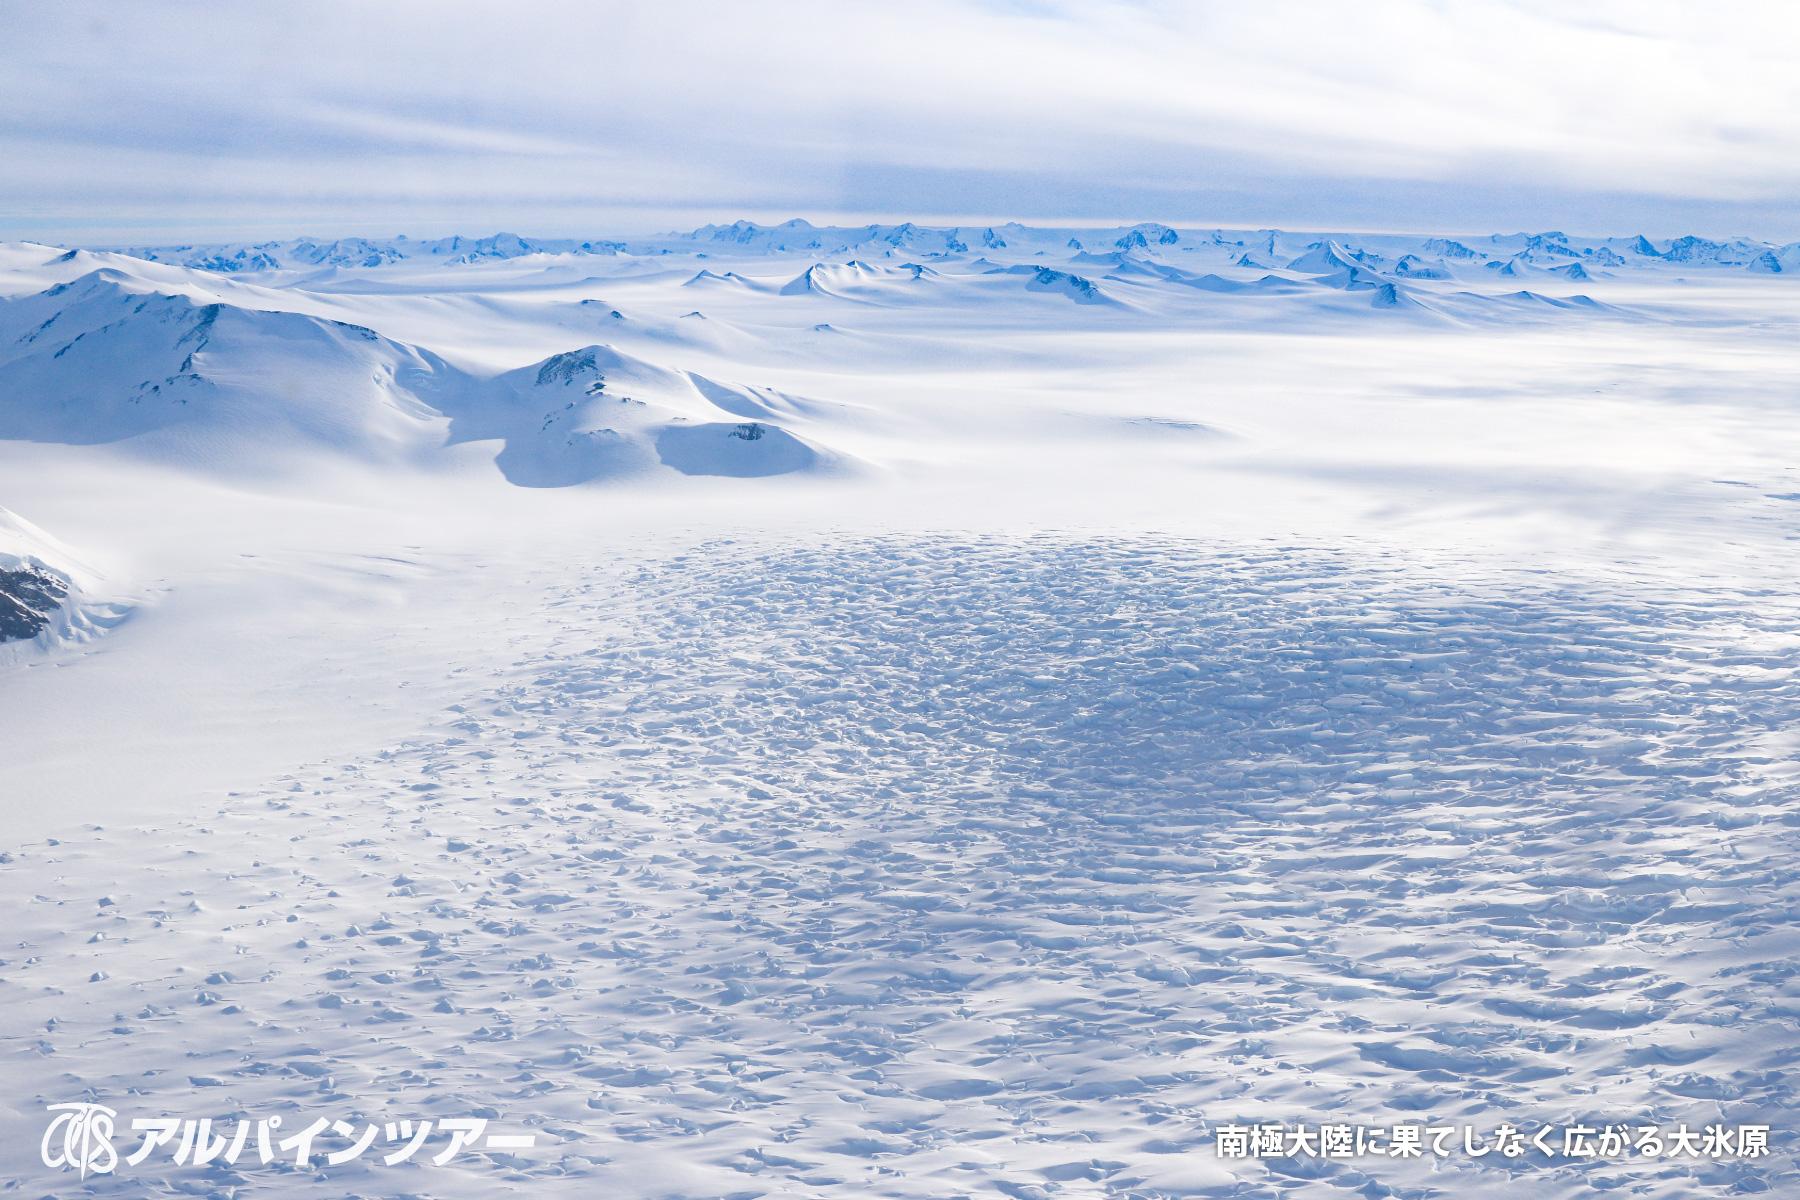 【エリア紹介】 南極点到達と南極最高峰ビンソンマシフの旅